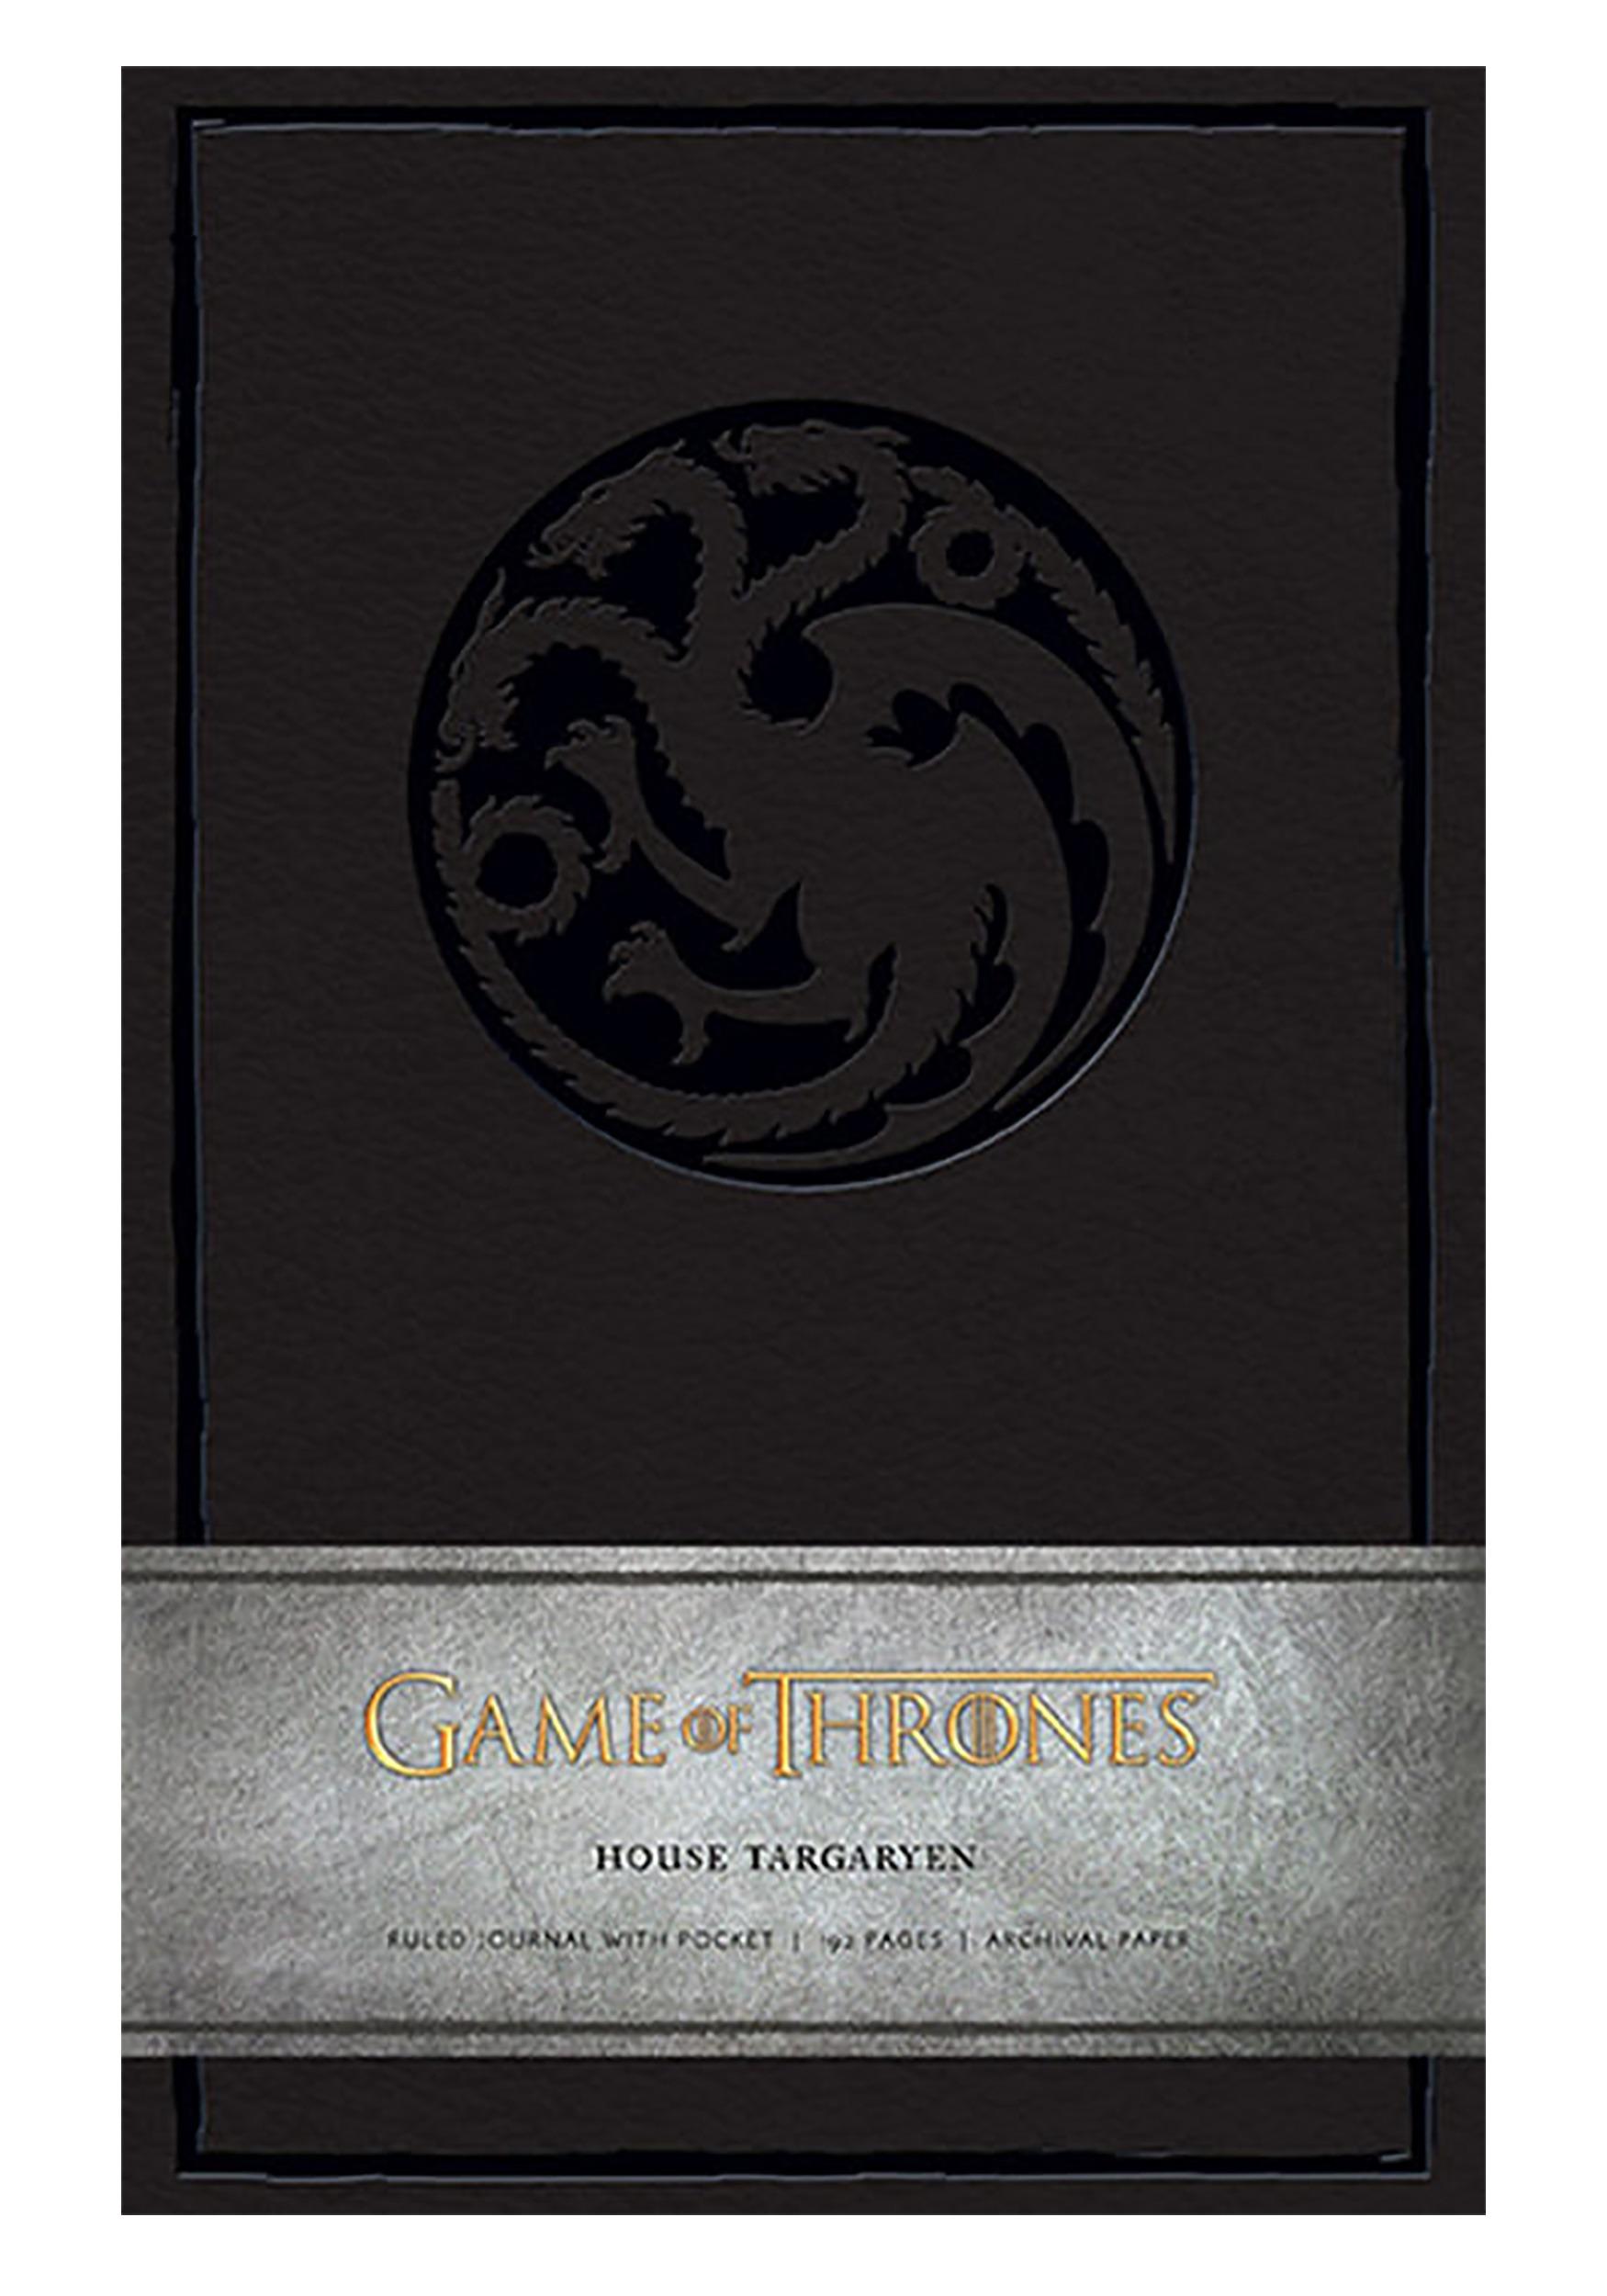 Hardcover Ruled Journal Game of Thrones House Targaryen